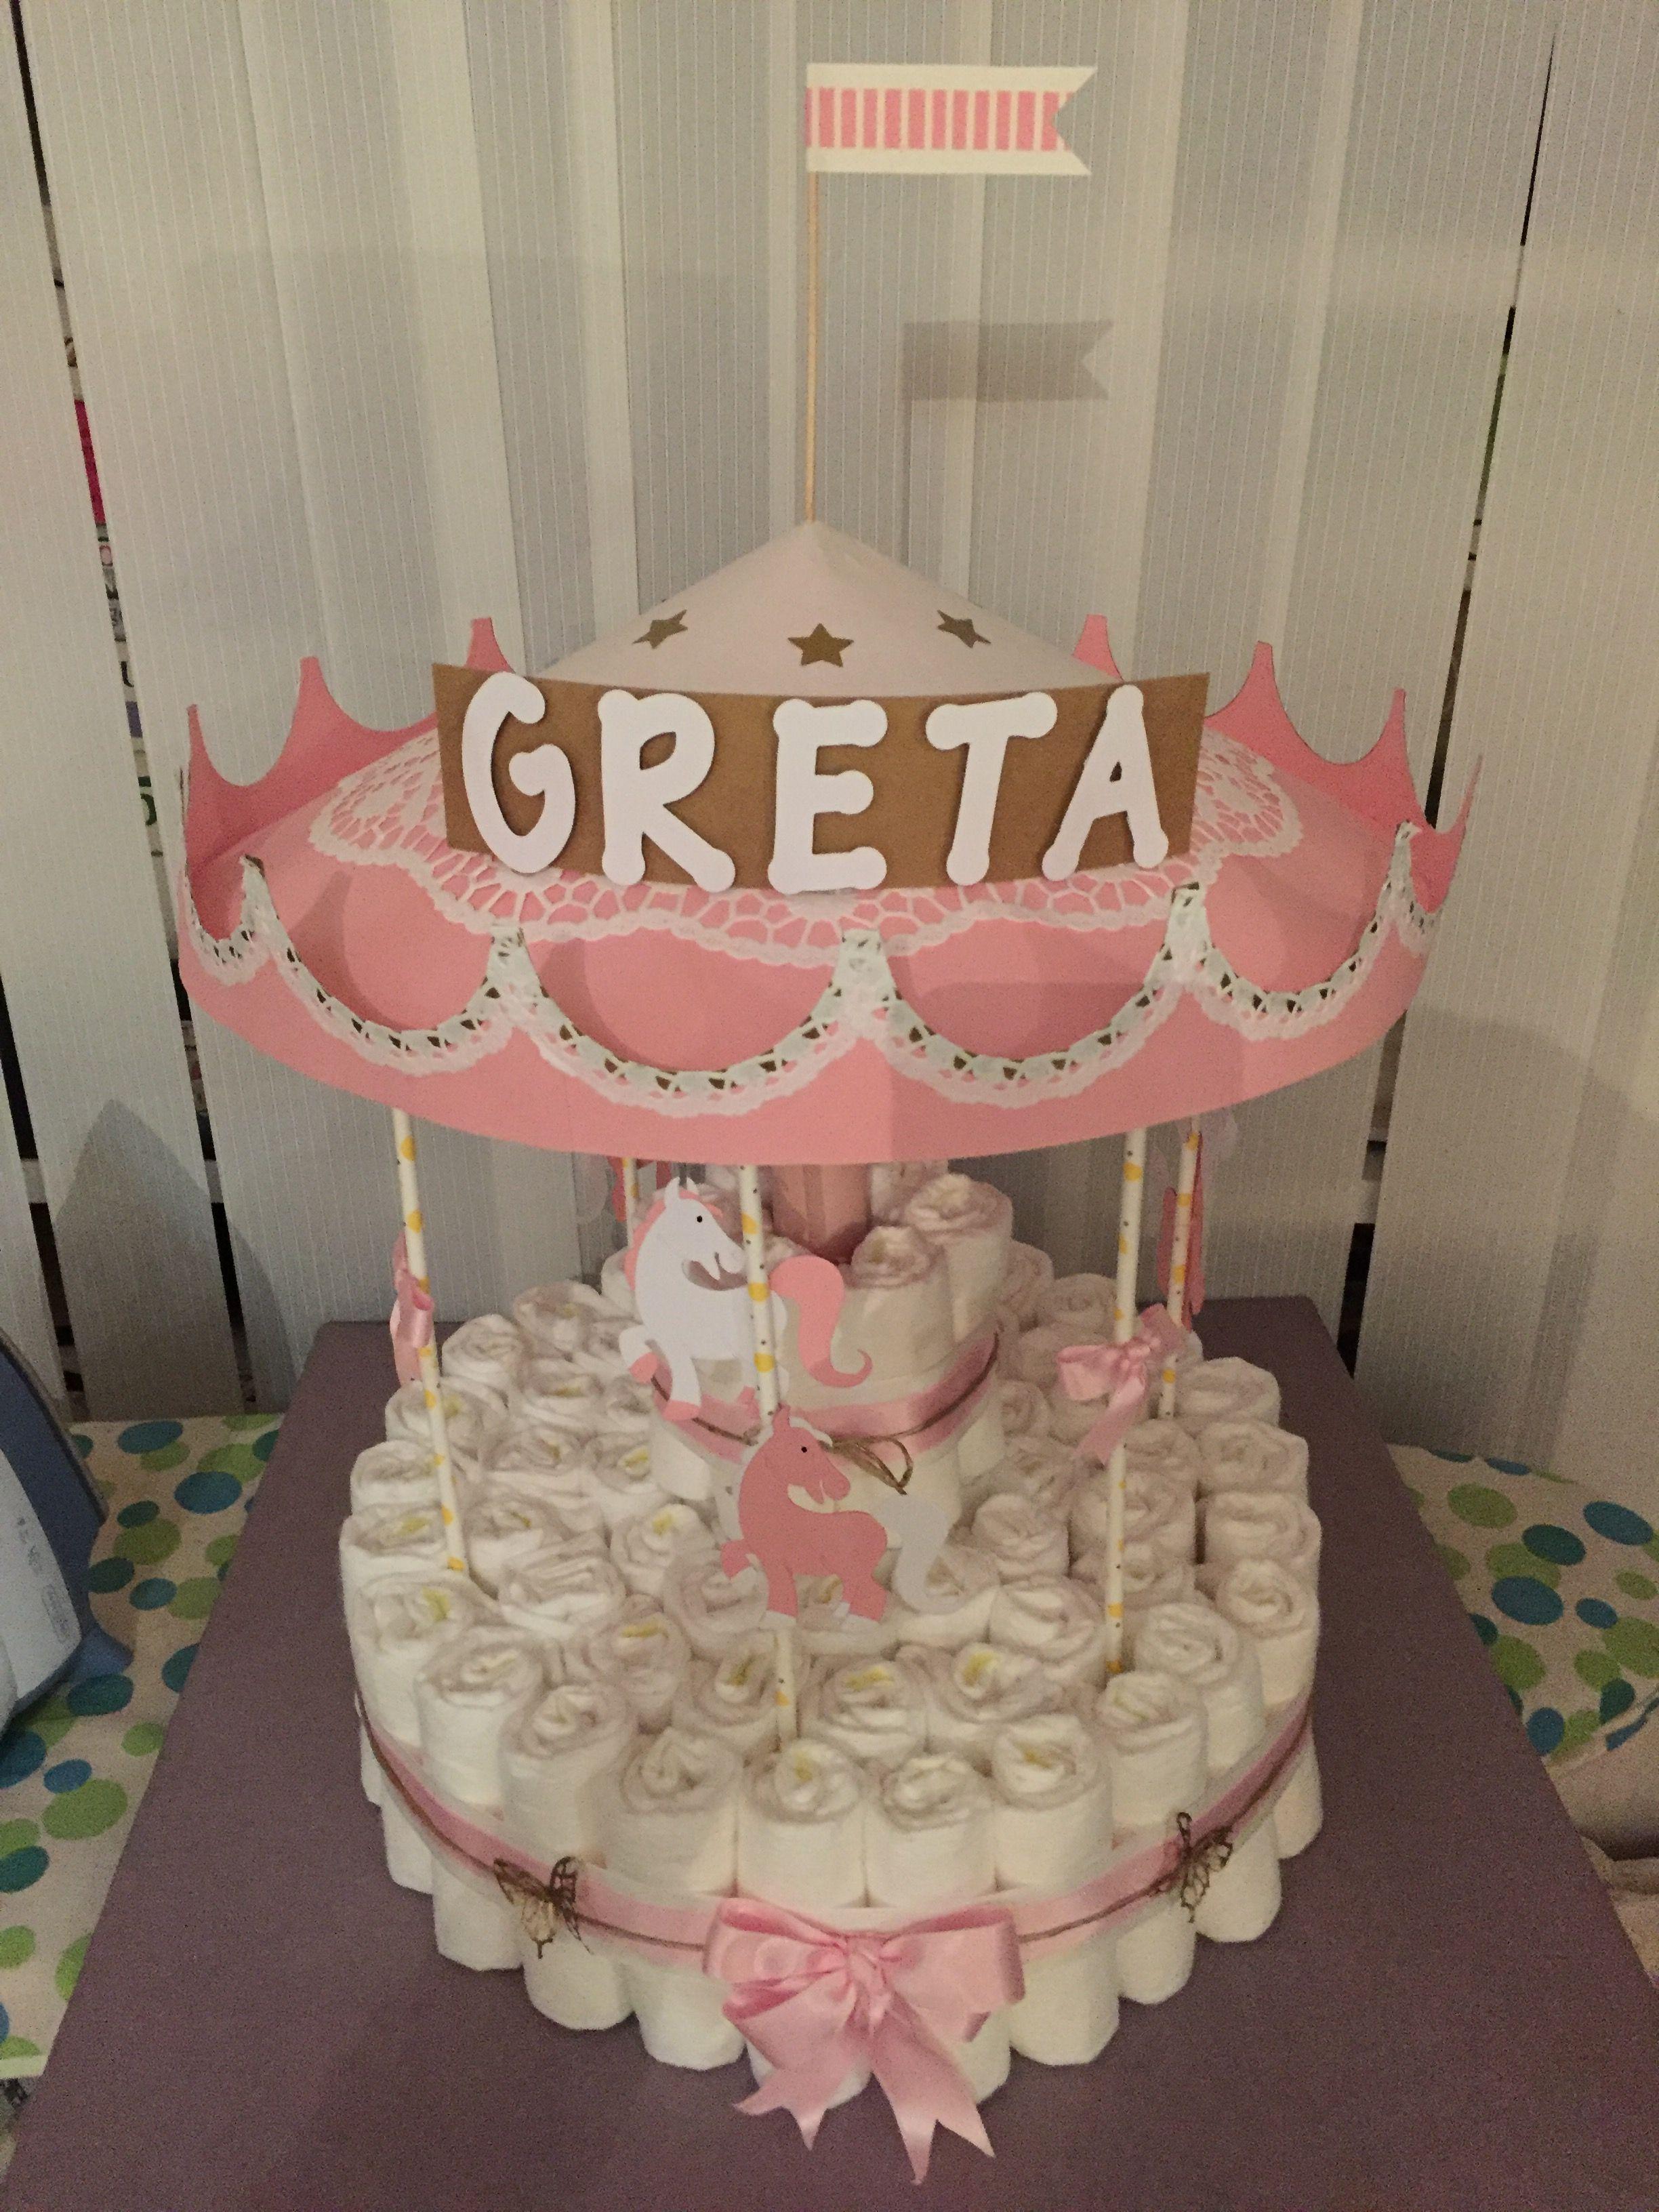 Windeltorte Karussell Hochzeitstorte Rosa Hochzeitstag Kuchen Hochzeitstorte Schmetterling